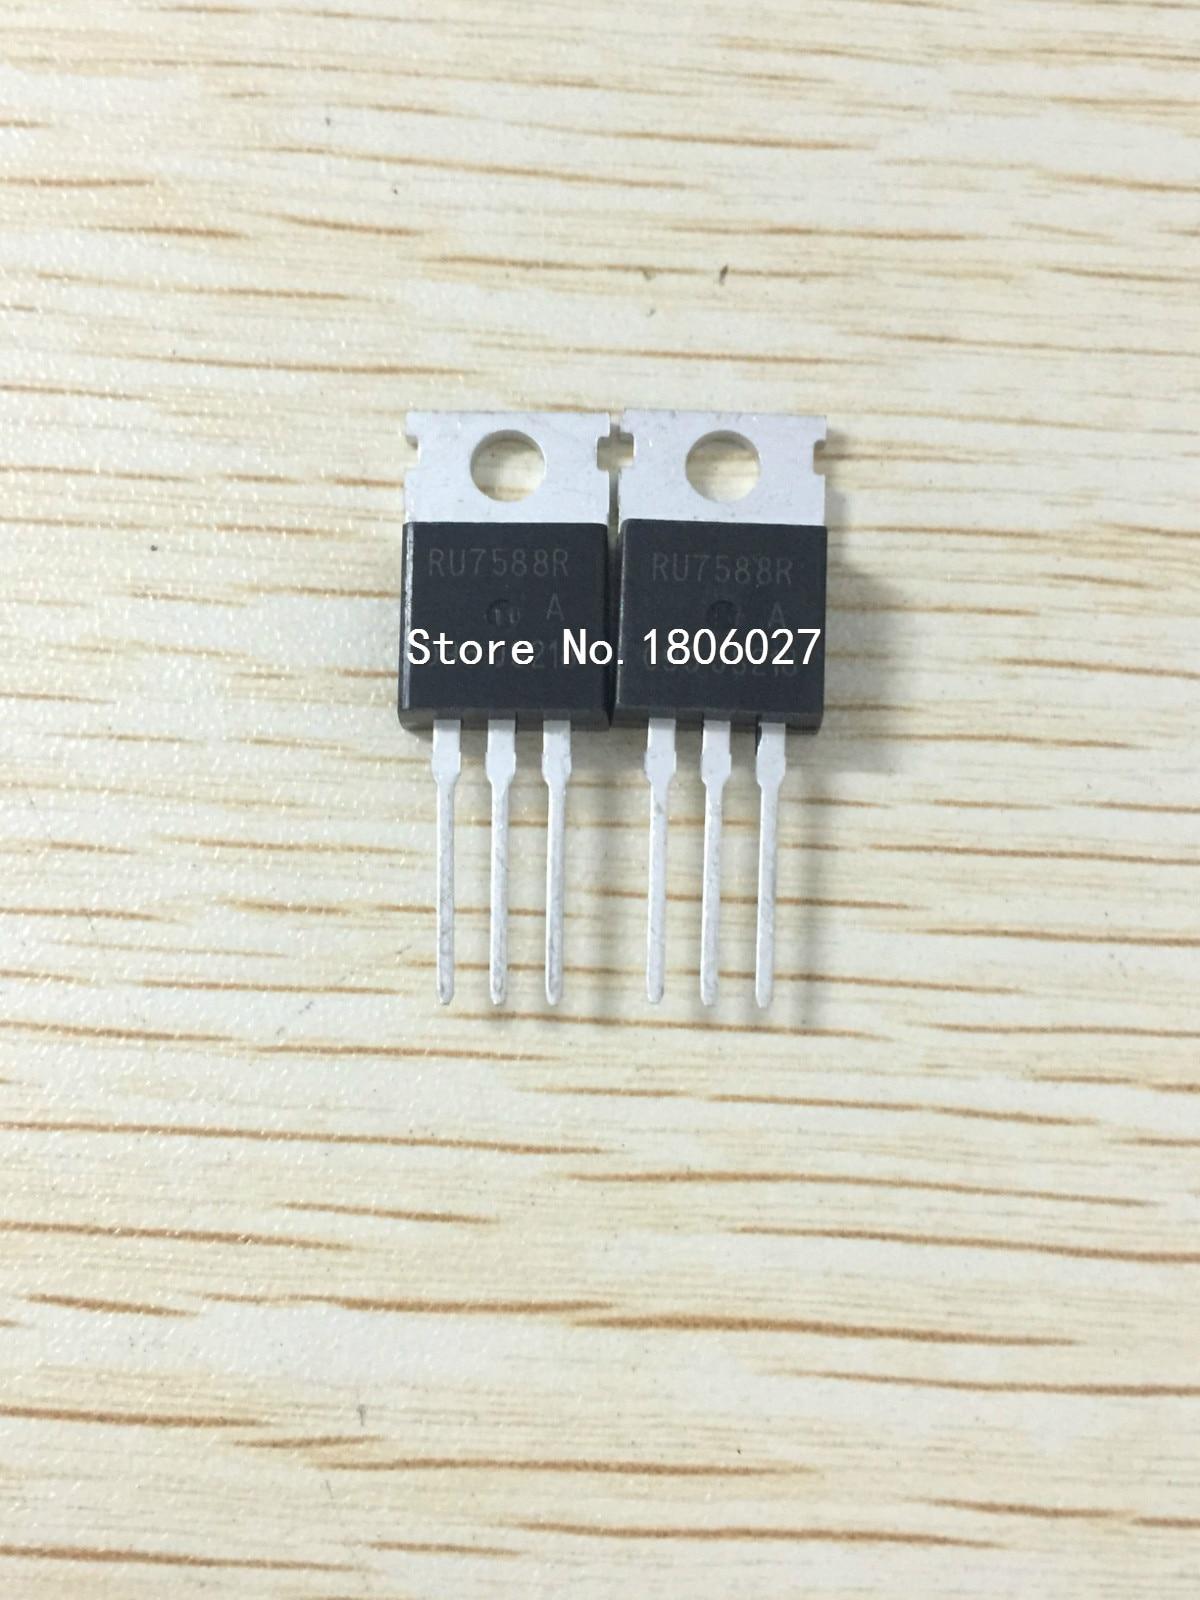 Enviar livre 20 piezas RU7588R-220 75 V 80A Novo local original vendendo circuitos integrados